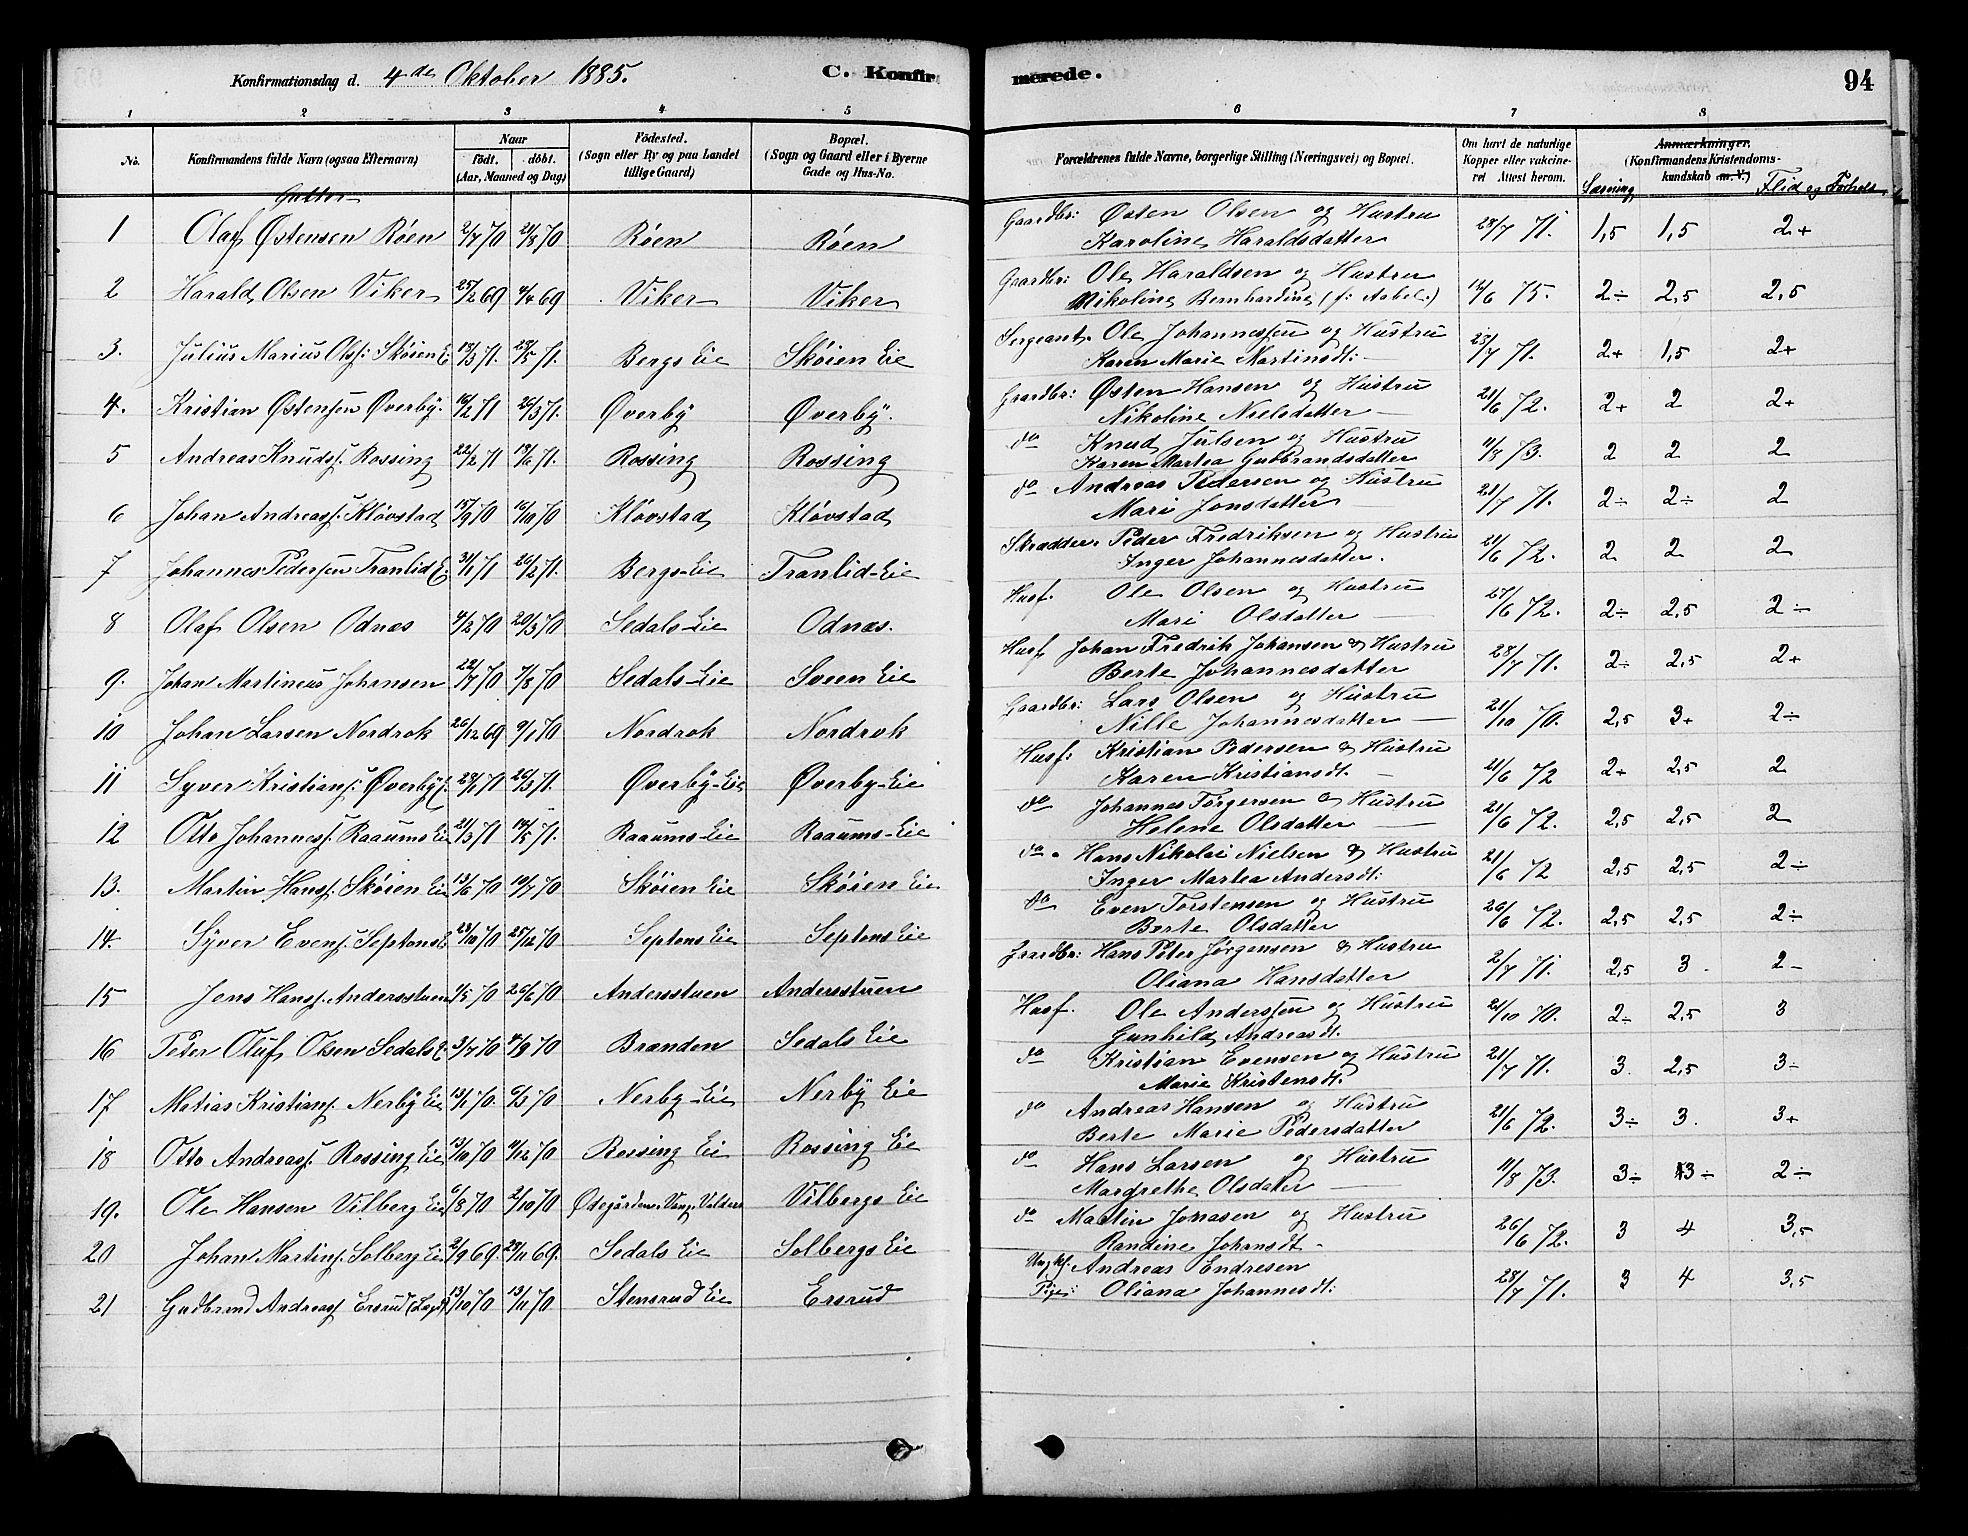 SAH, Søndre Land prestekontor, K/L0002: Ministerialbok nr. 2, 1878-1894, s. 94